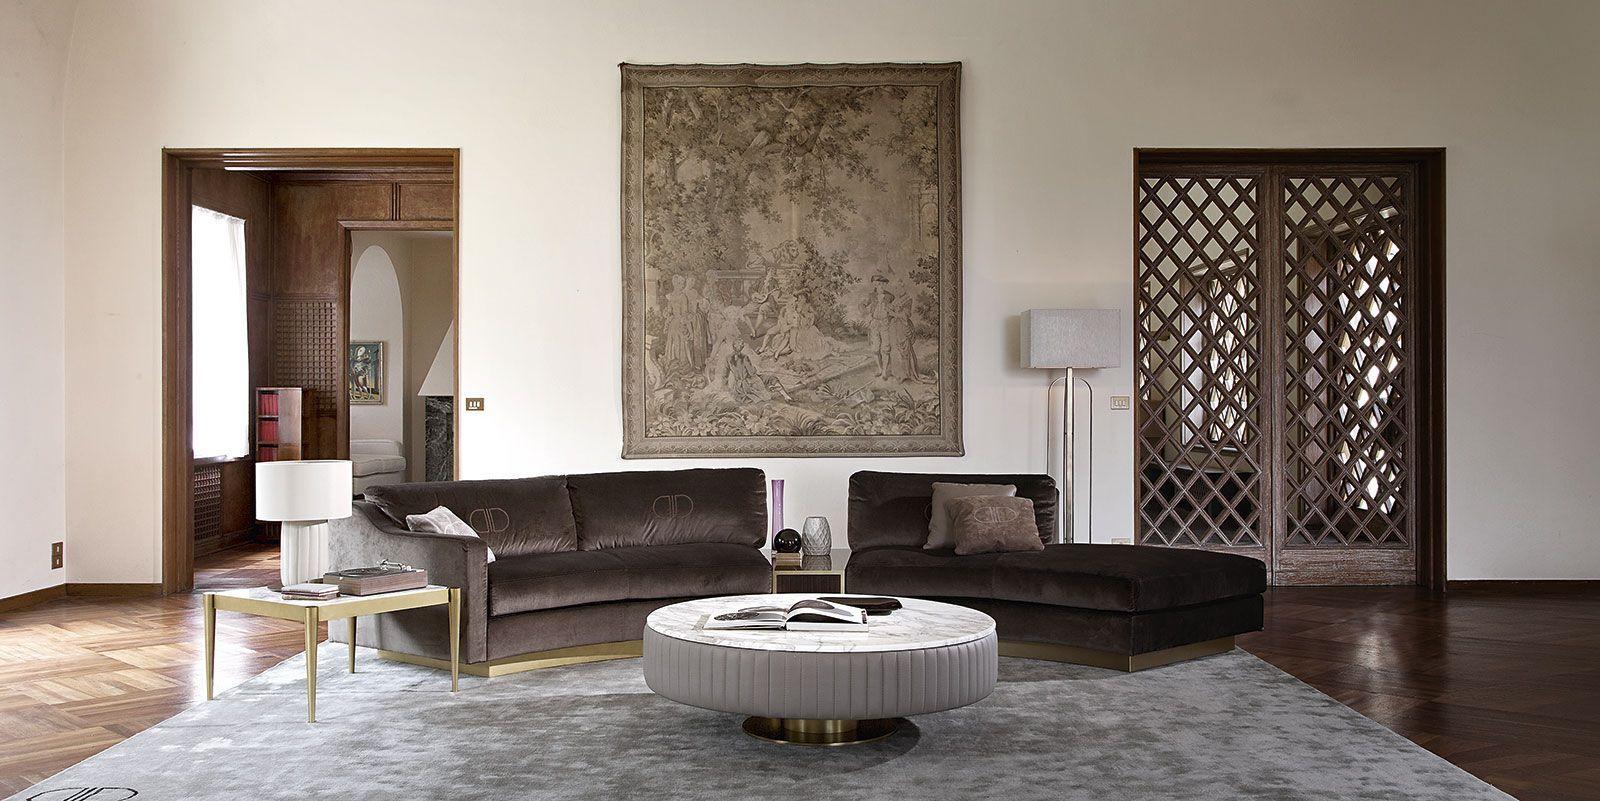 Daytona arredamento contemporaneo moderno di lusso e mobili stile art dec per space living - Mobili stile contemporaneo moderno ...